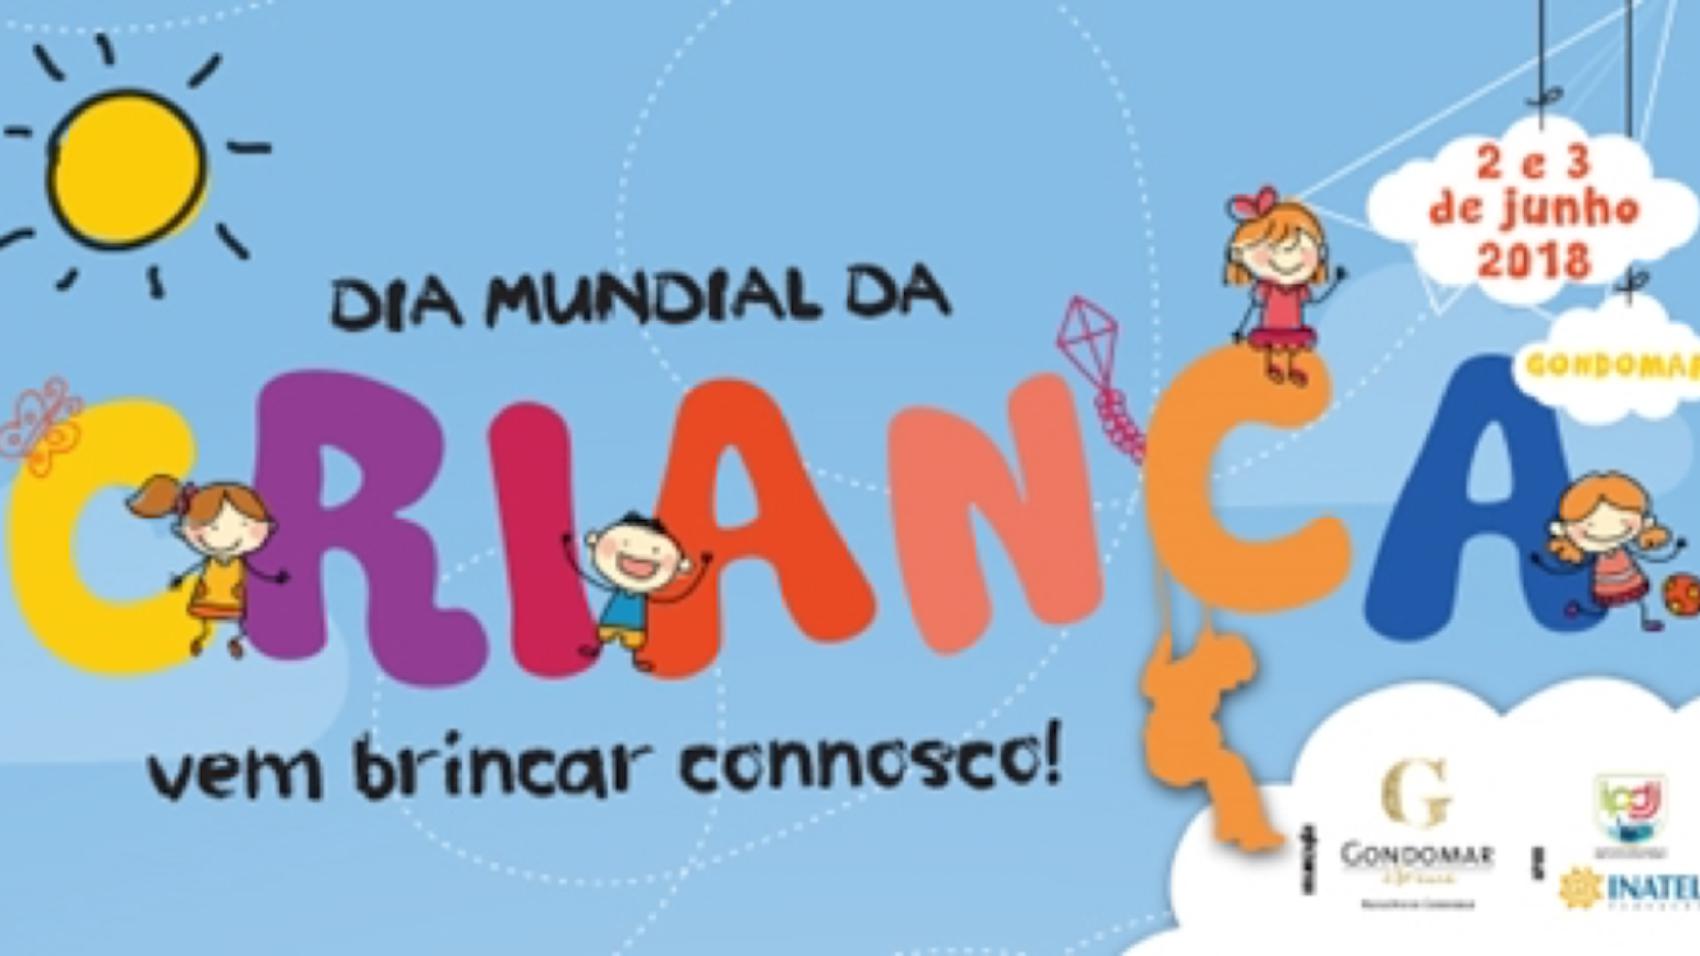 Dia Mundial da Criança blog Canoagem Divulgação Douro Canoa Clube 7